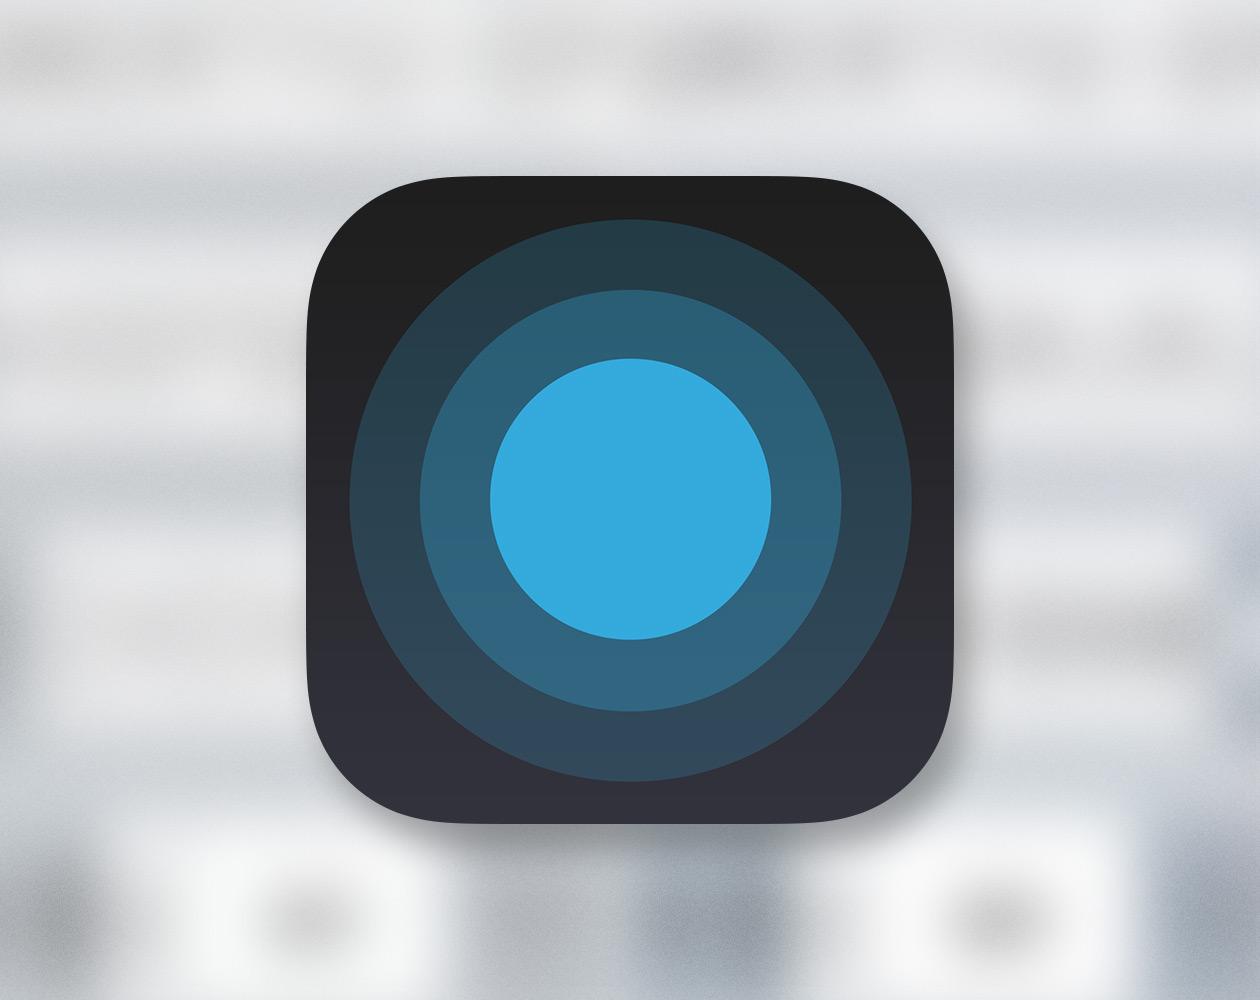 Fleksy: инновационная клавиатура для iOS теперь поддерживает русский язык